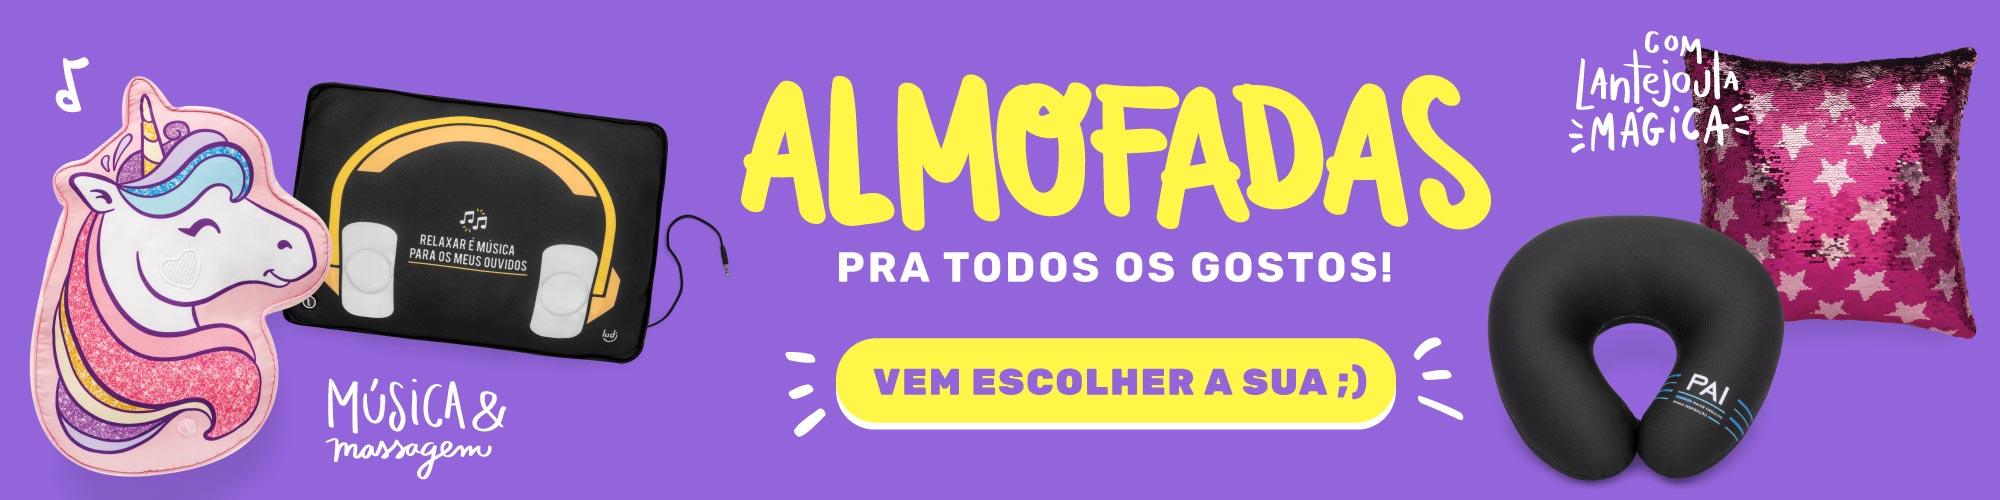 A - almofadas